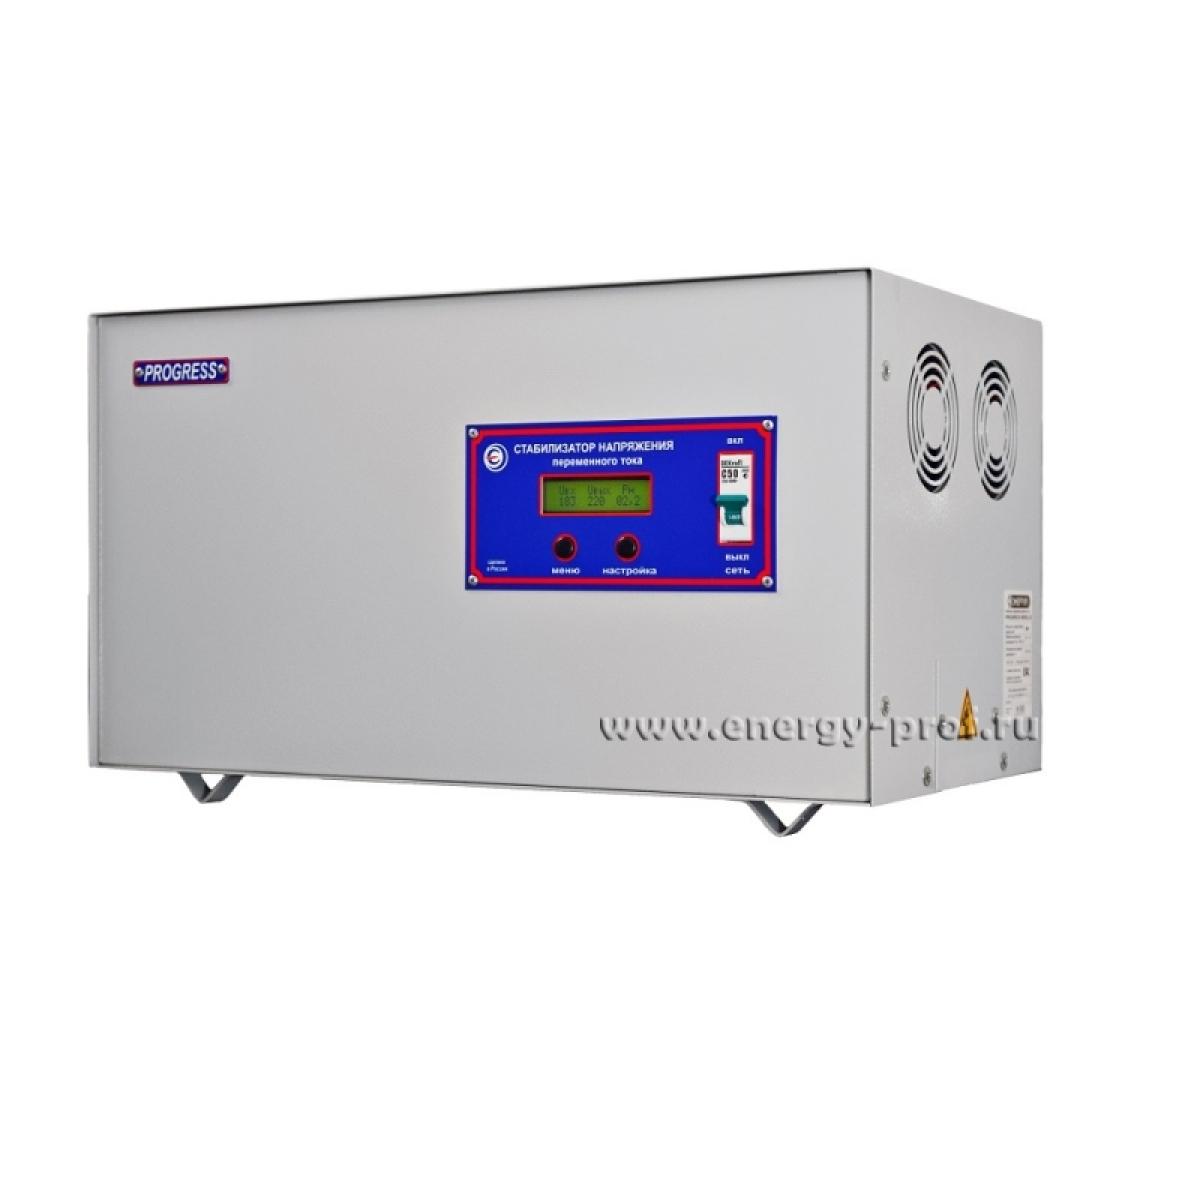 Однофазный стабилизатор PROGRESS 3000T-20